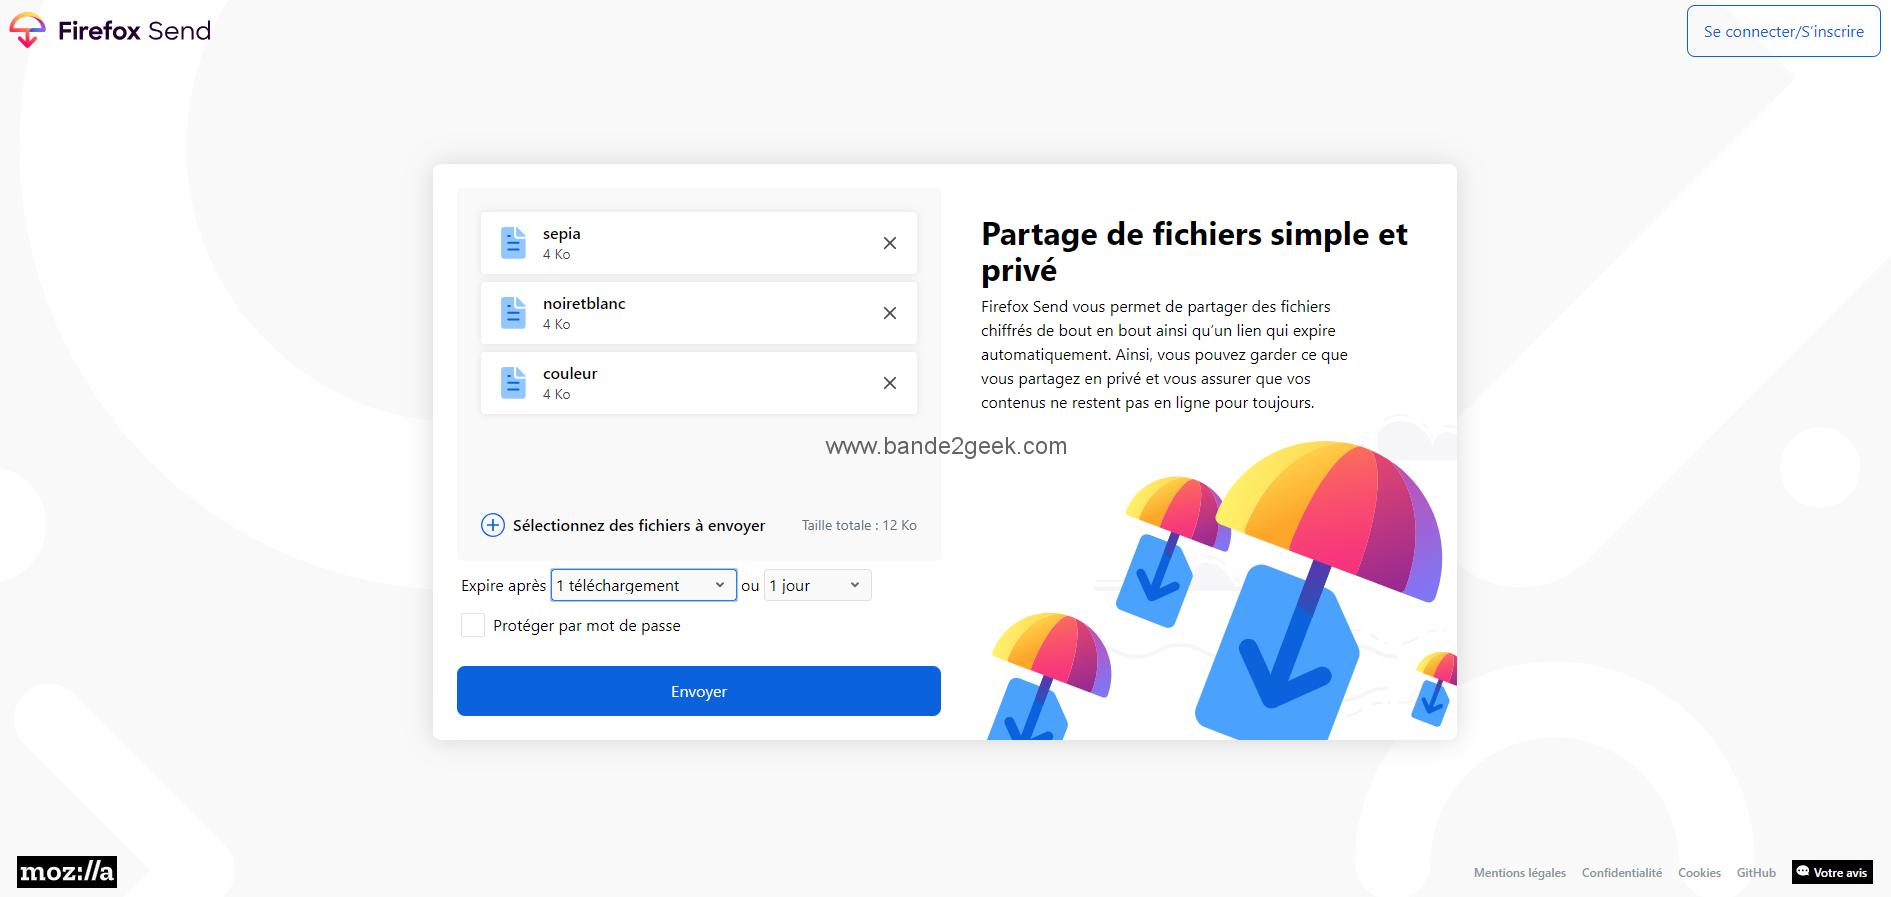 Firefox Send Telechargement